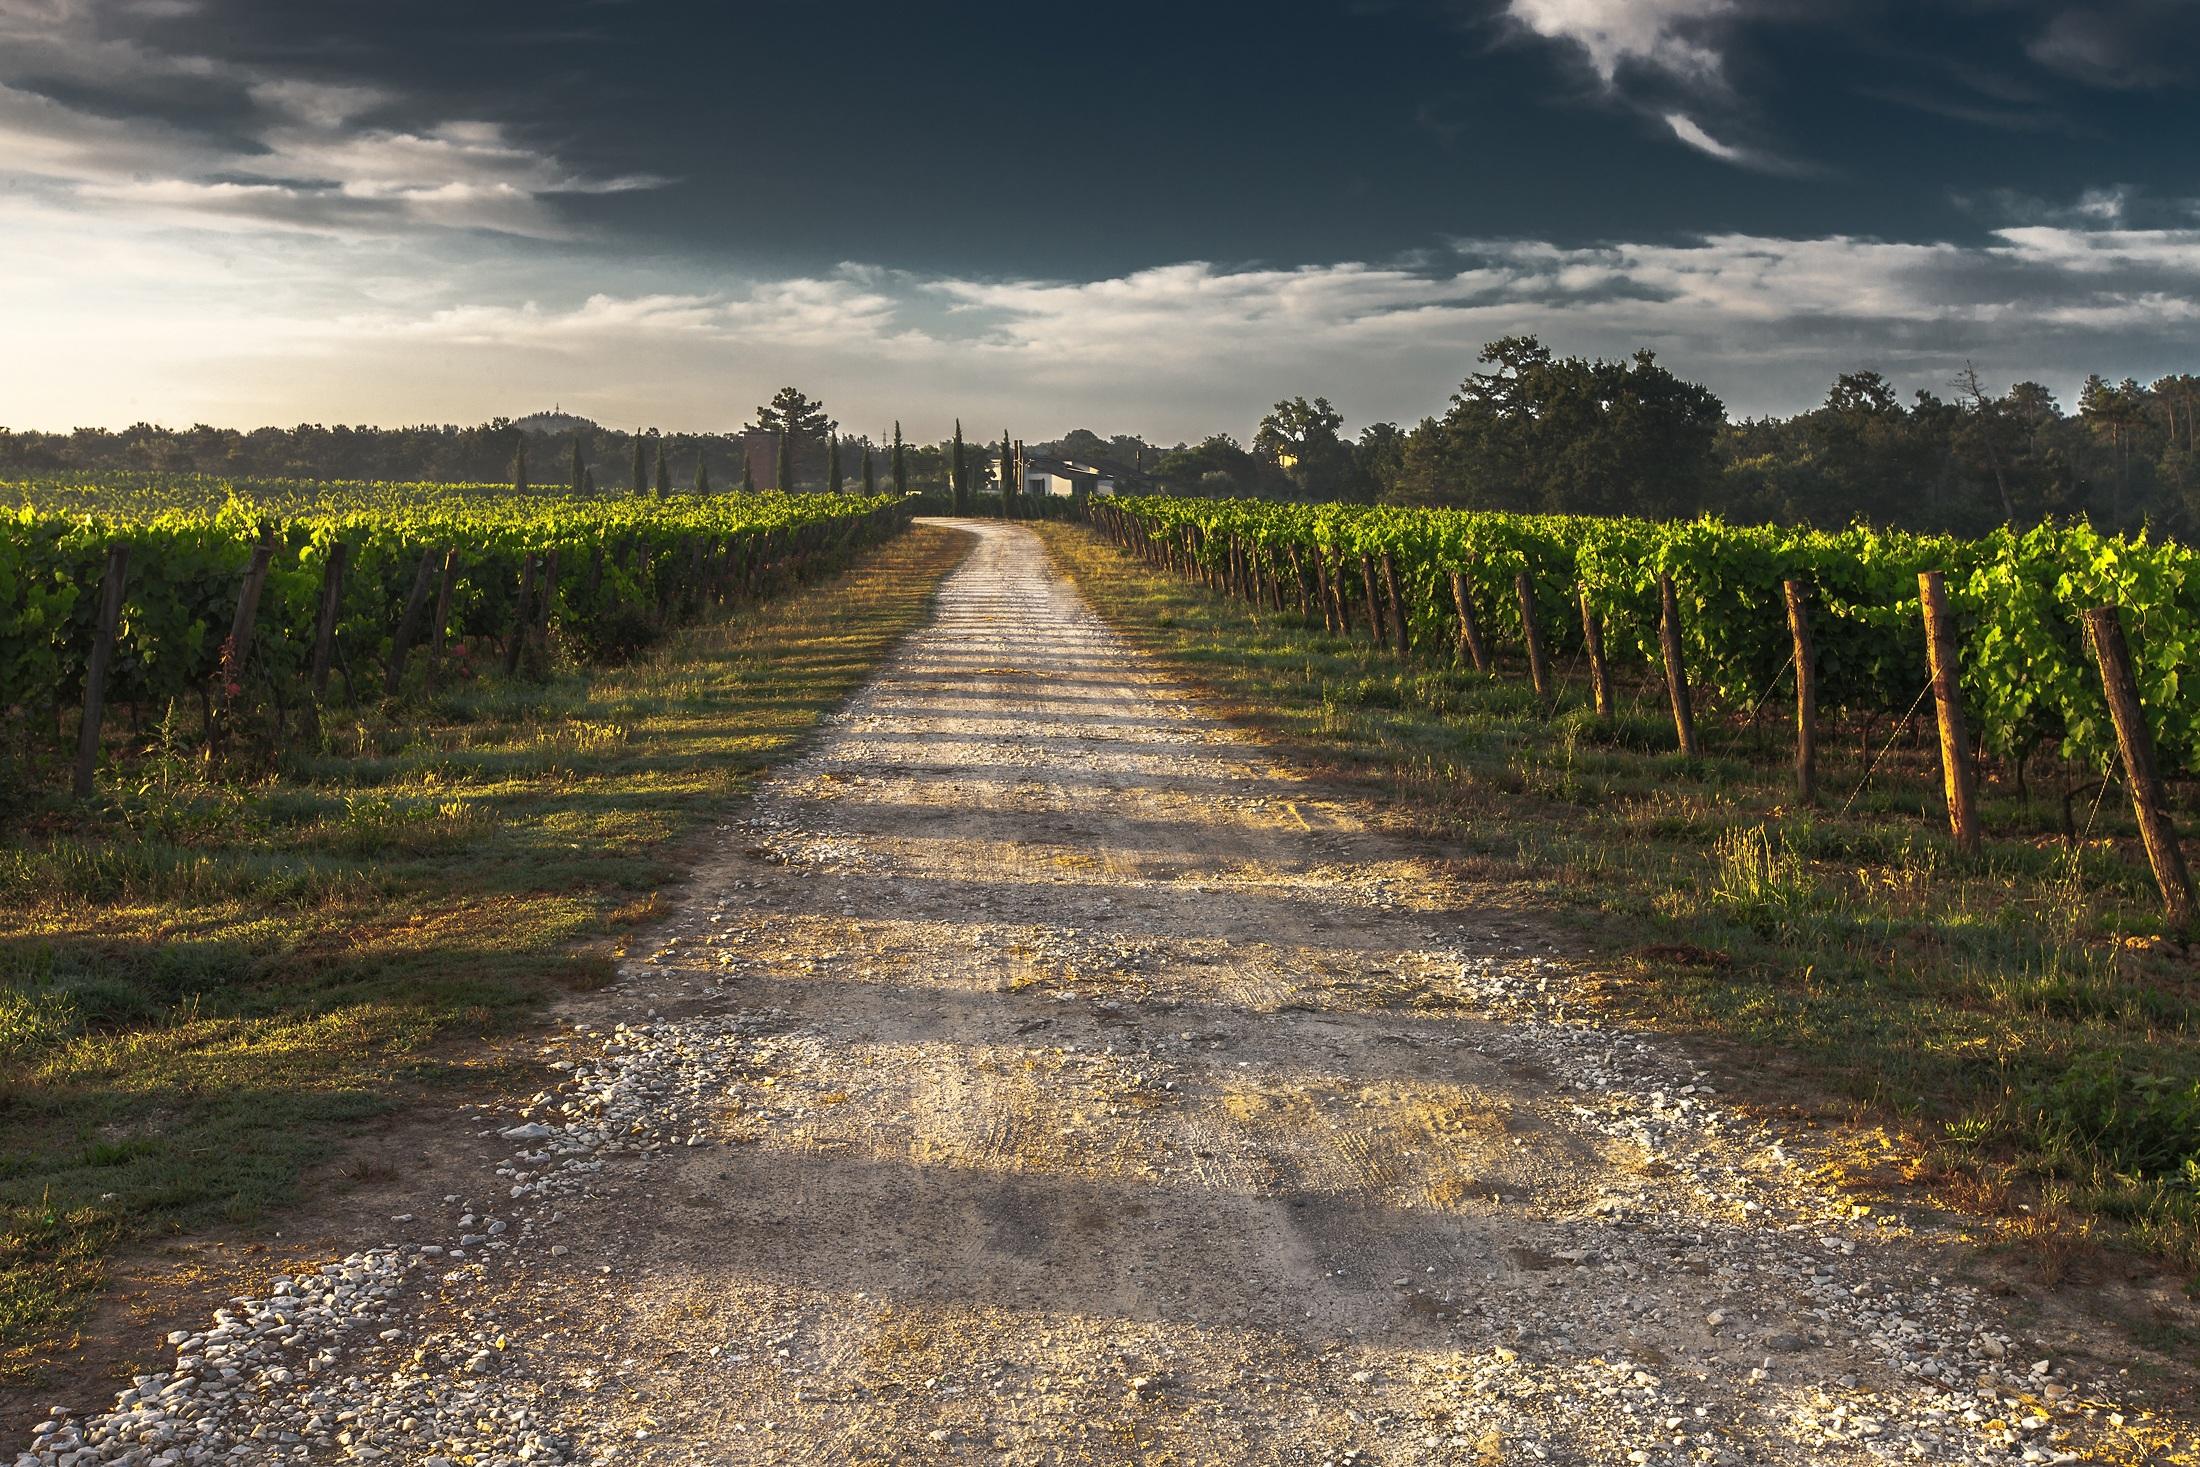 Forse... certi vini naturali costano un po' troppo?